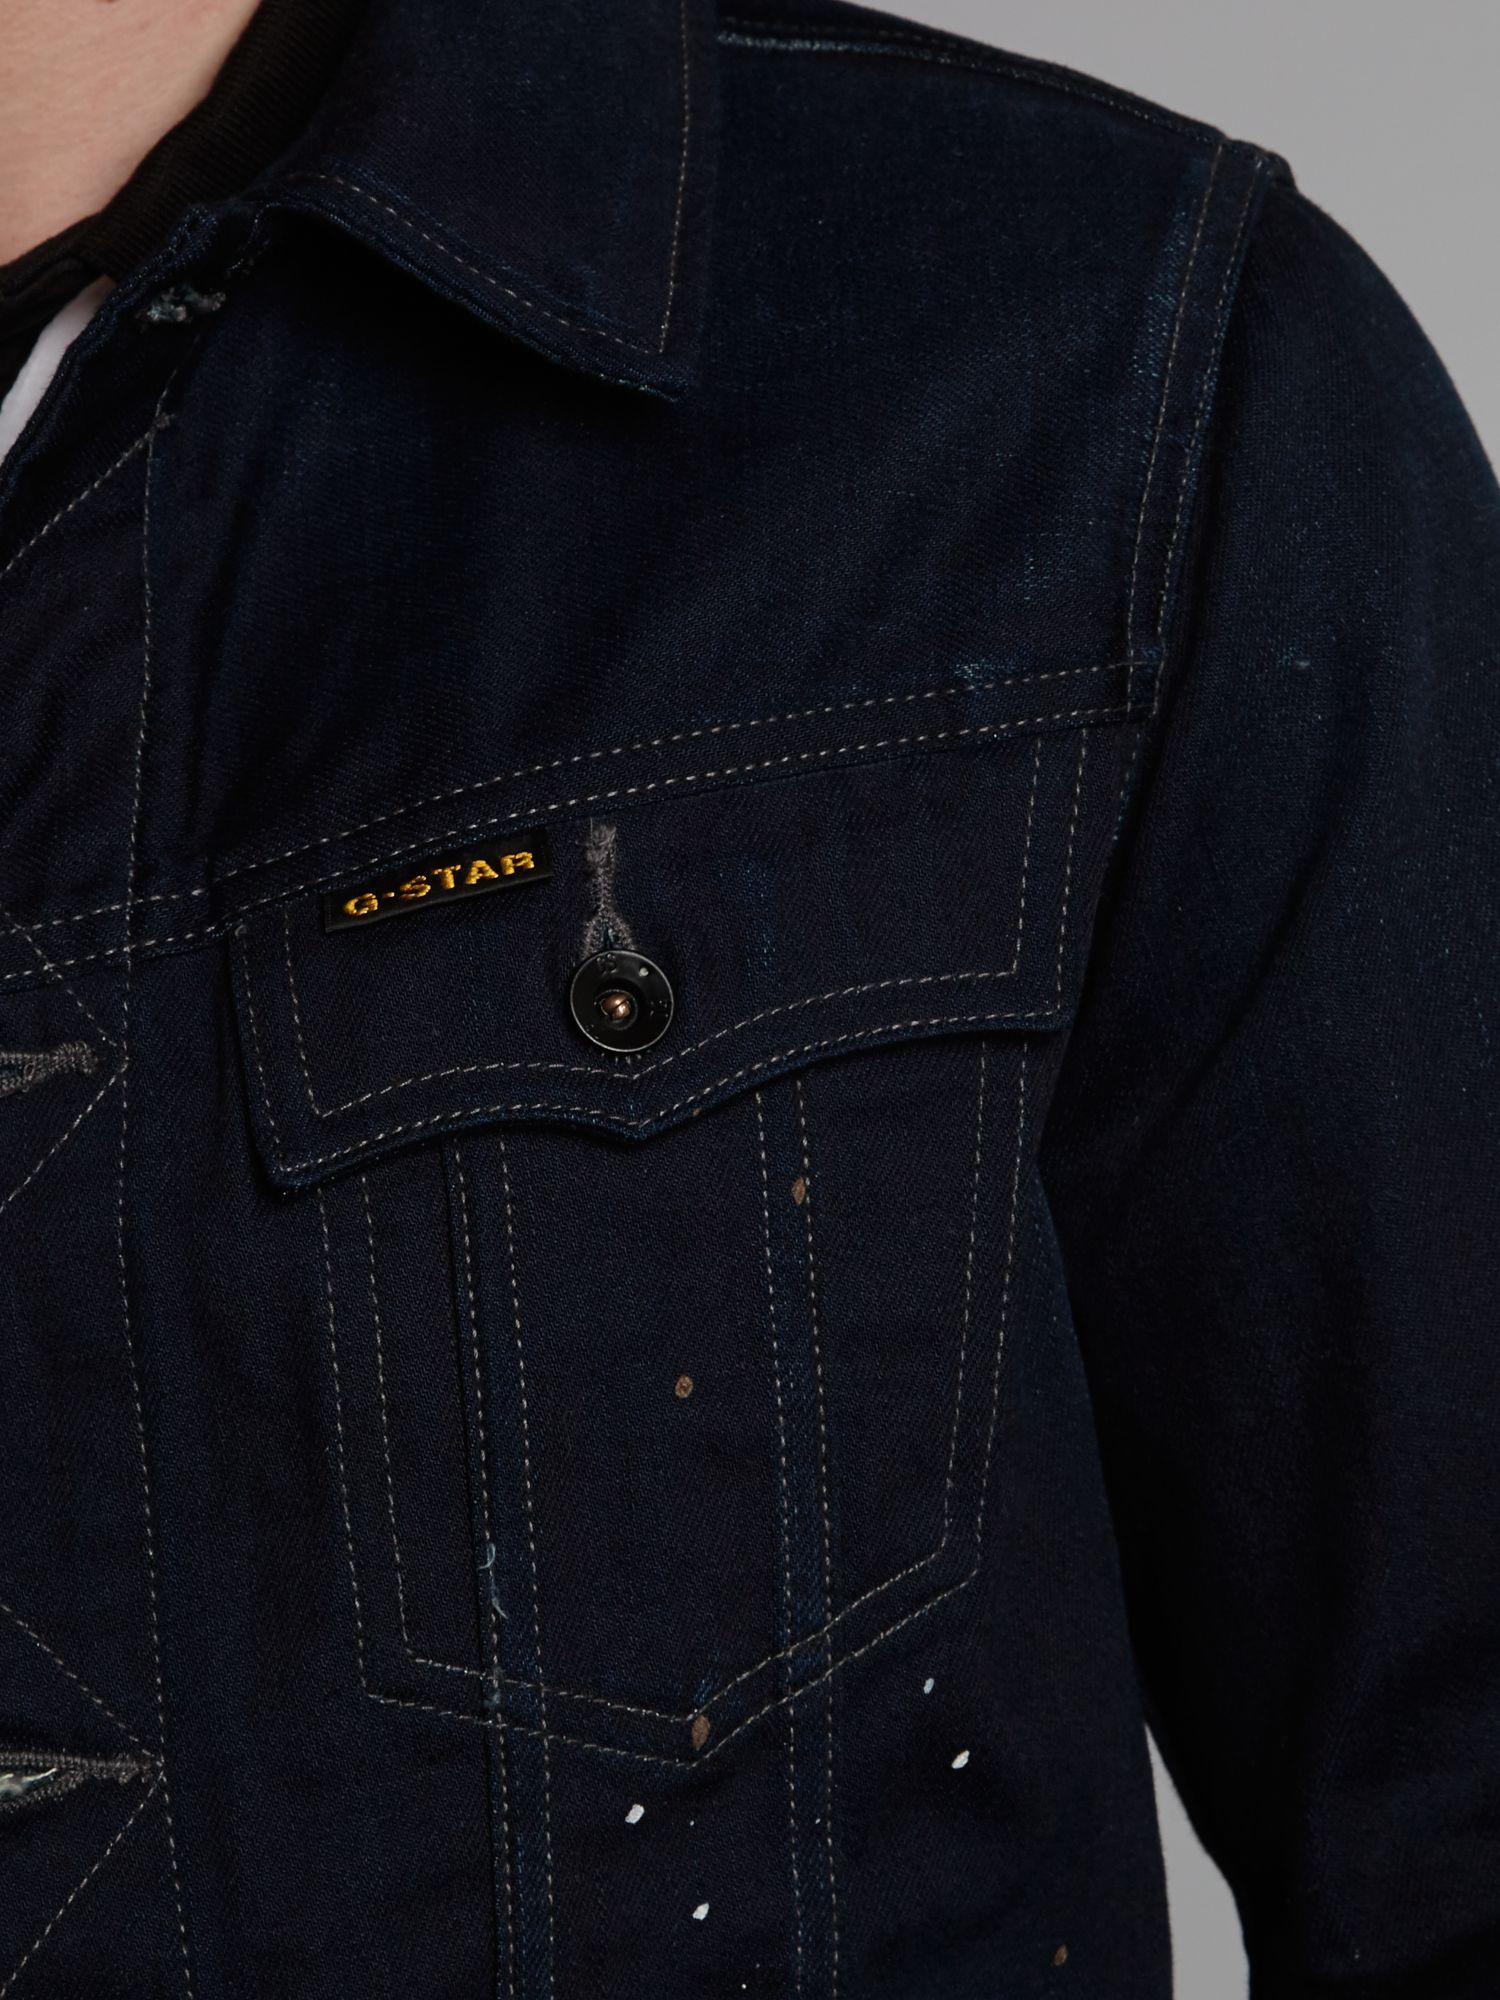 g star raw slim tailor denim jacket in blue for men lyst. Black Bedroom Furniture Sets. Home Design Ideas